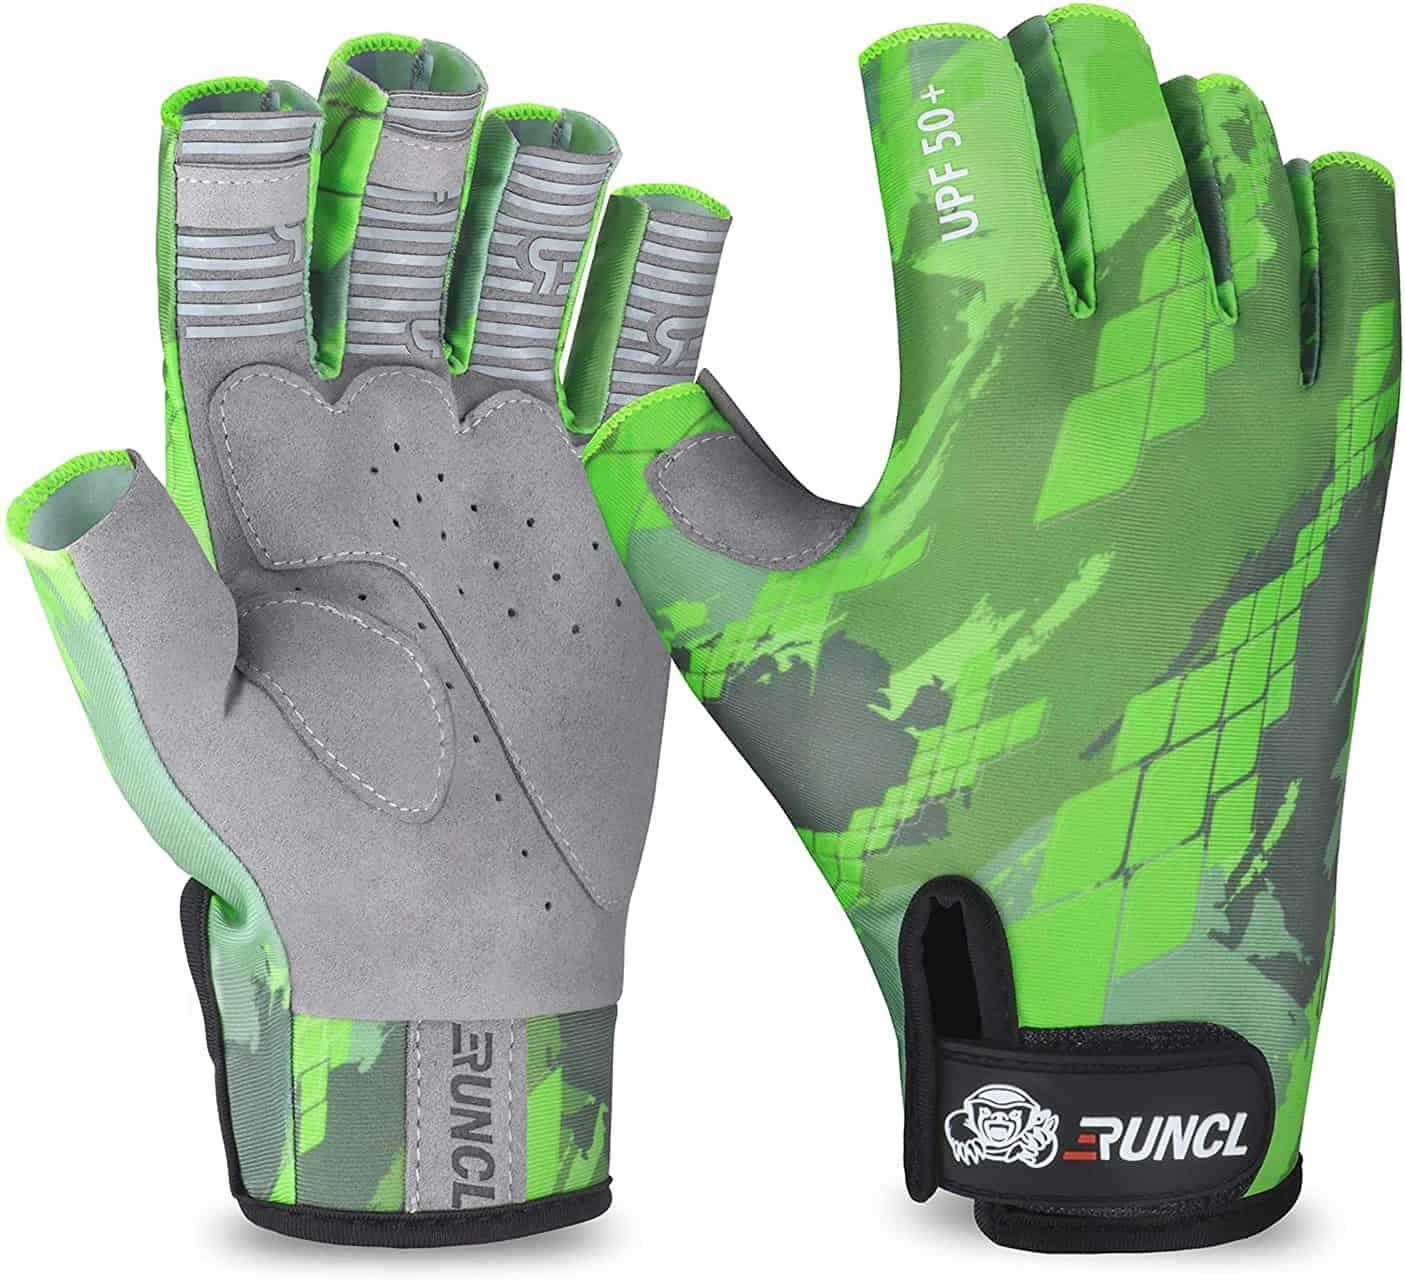 Fingerless Fishing Gloves by RUNCL